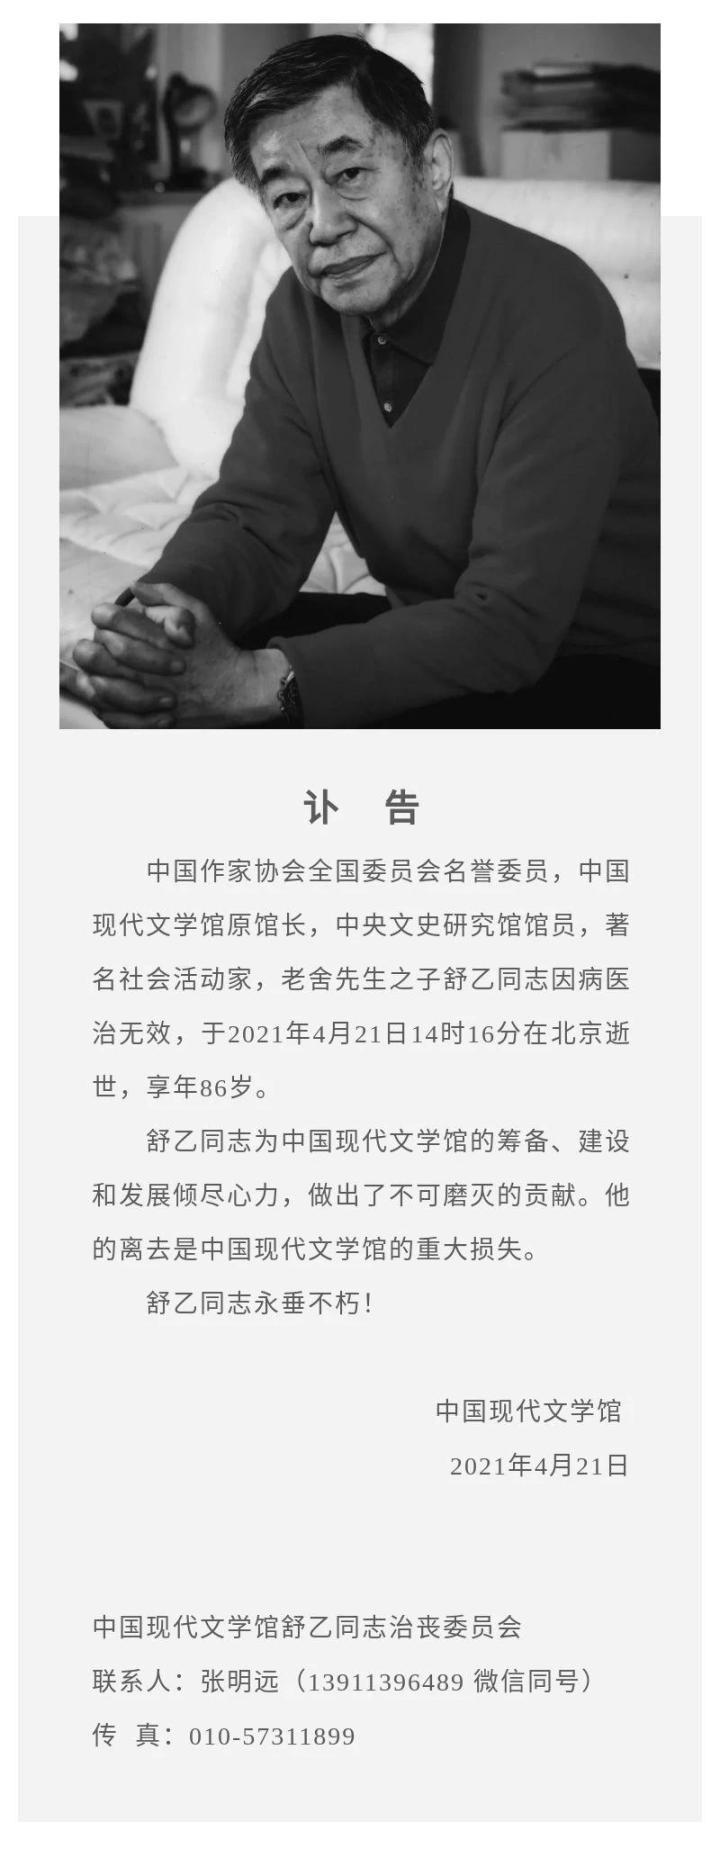 老舍之子舒乙因病去世!享年 86 岁